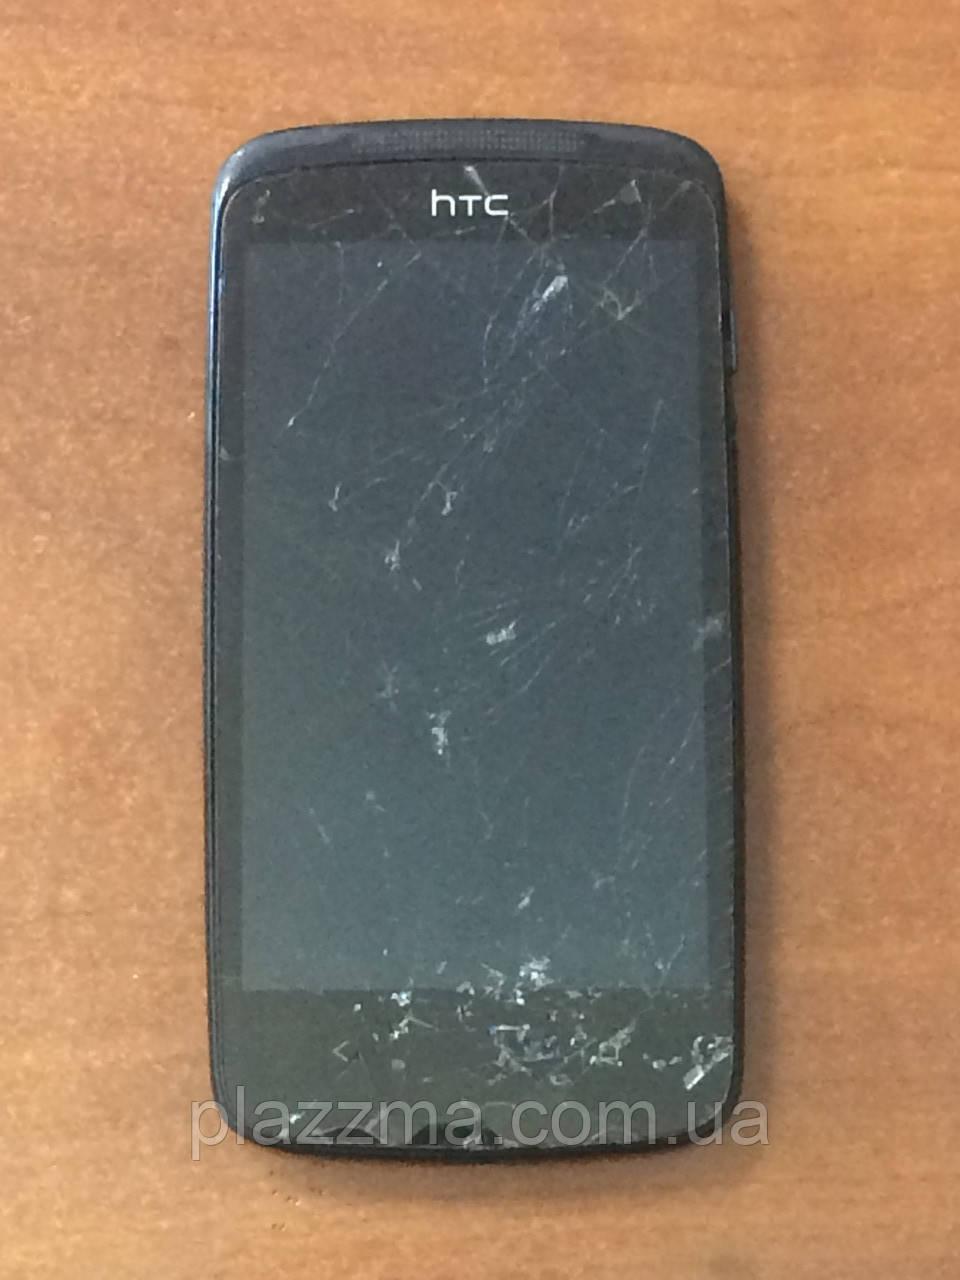 Средний корпус + задняя крышка HTC Desire 500